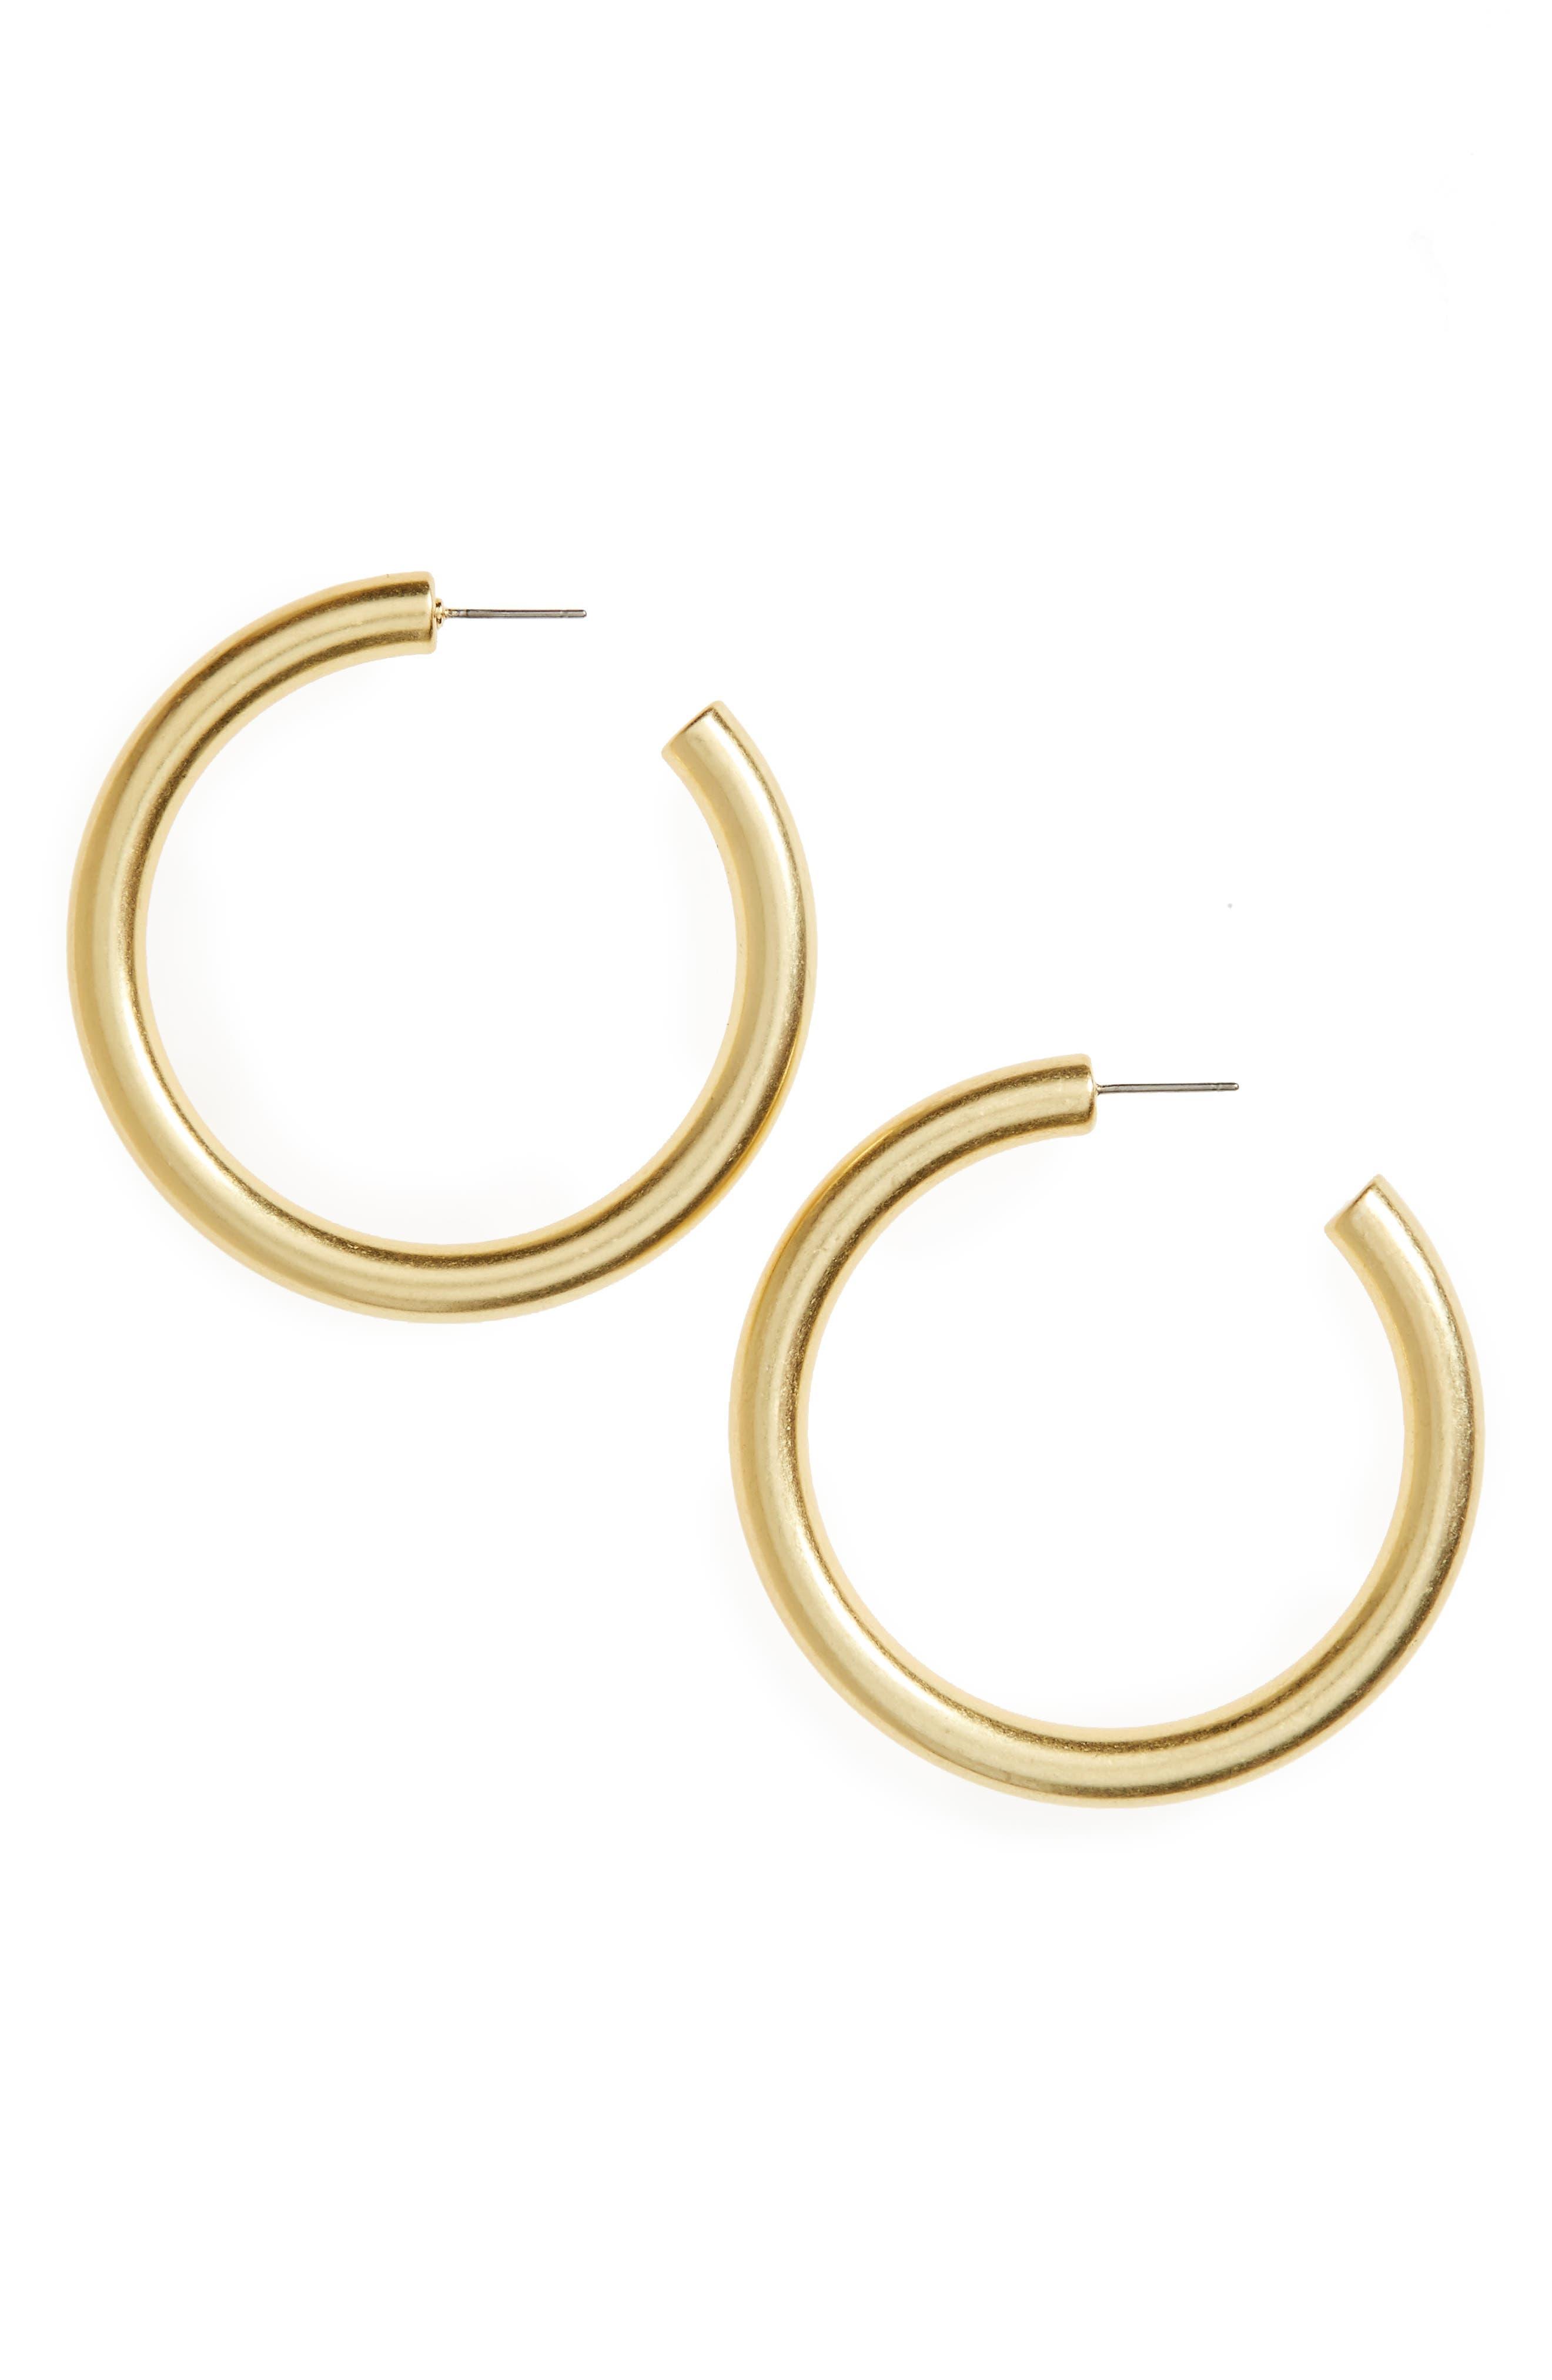 Simply Chunky Hoop Earrings,                         Main,                         color, 710